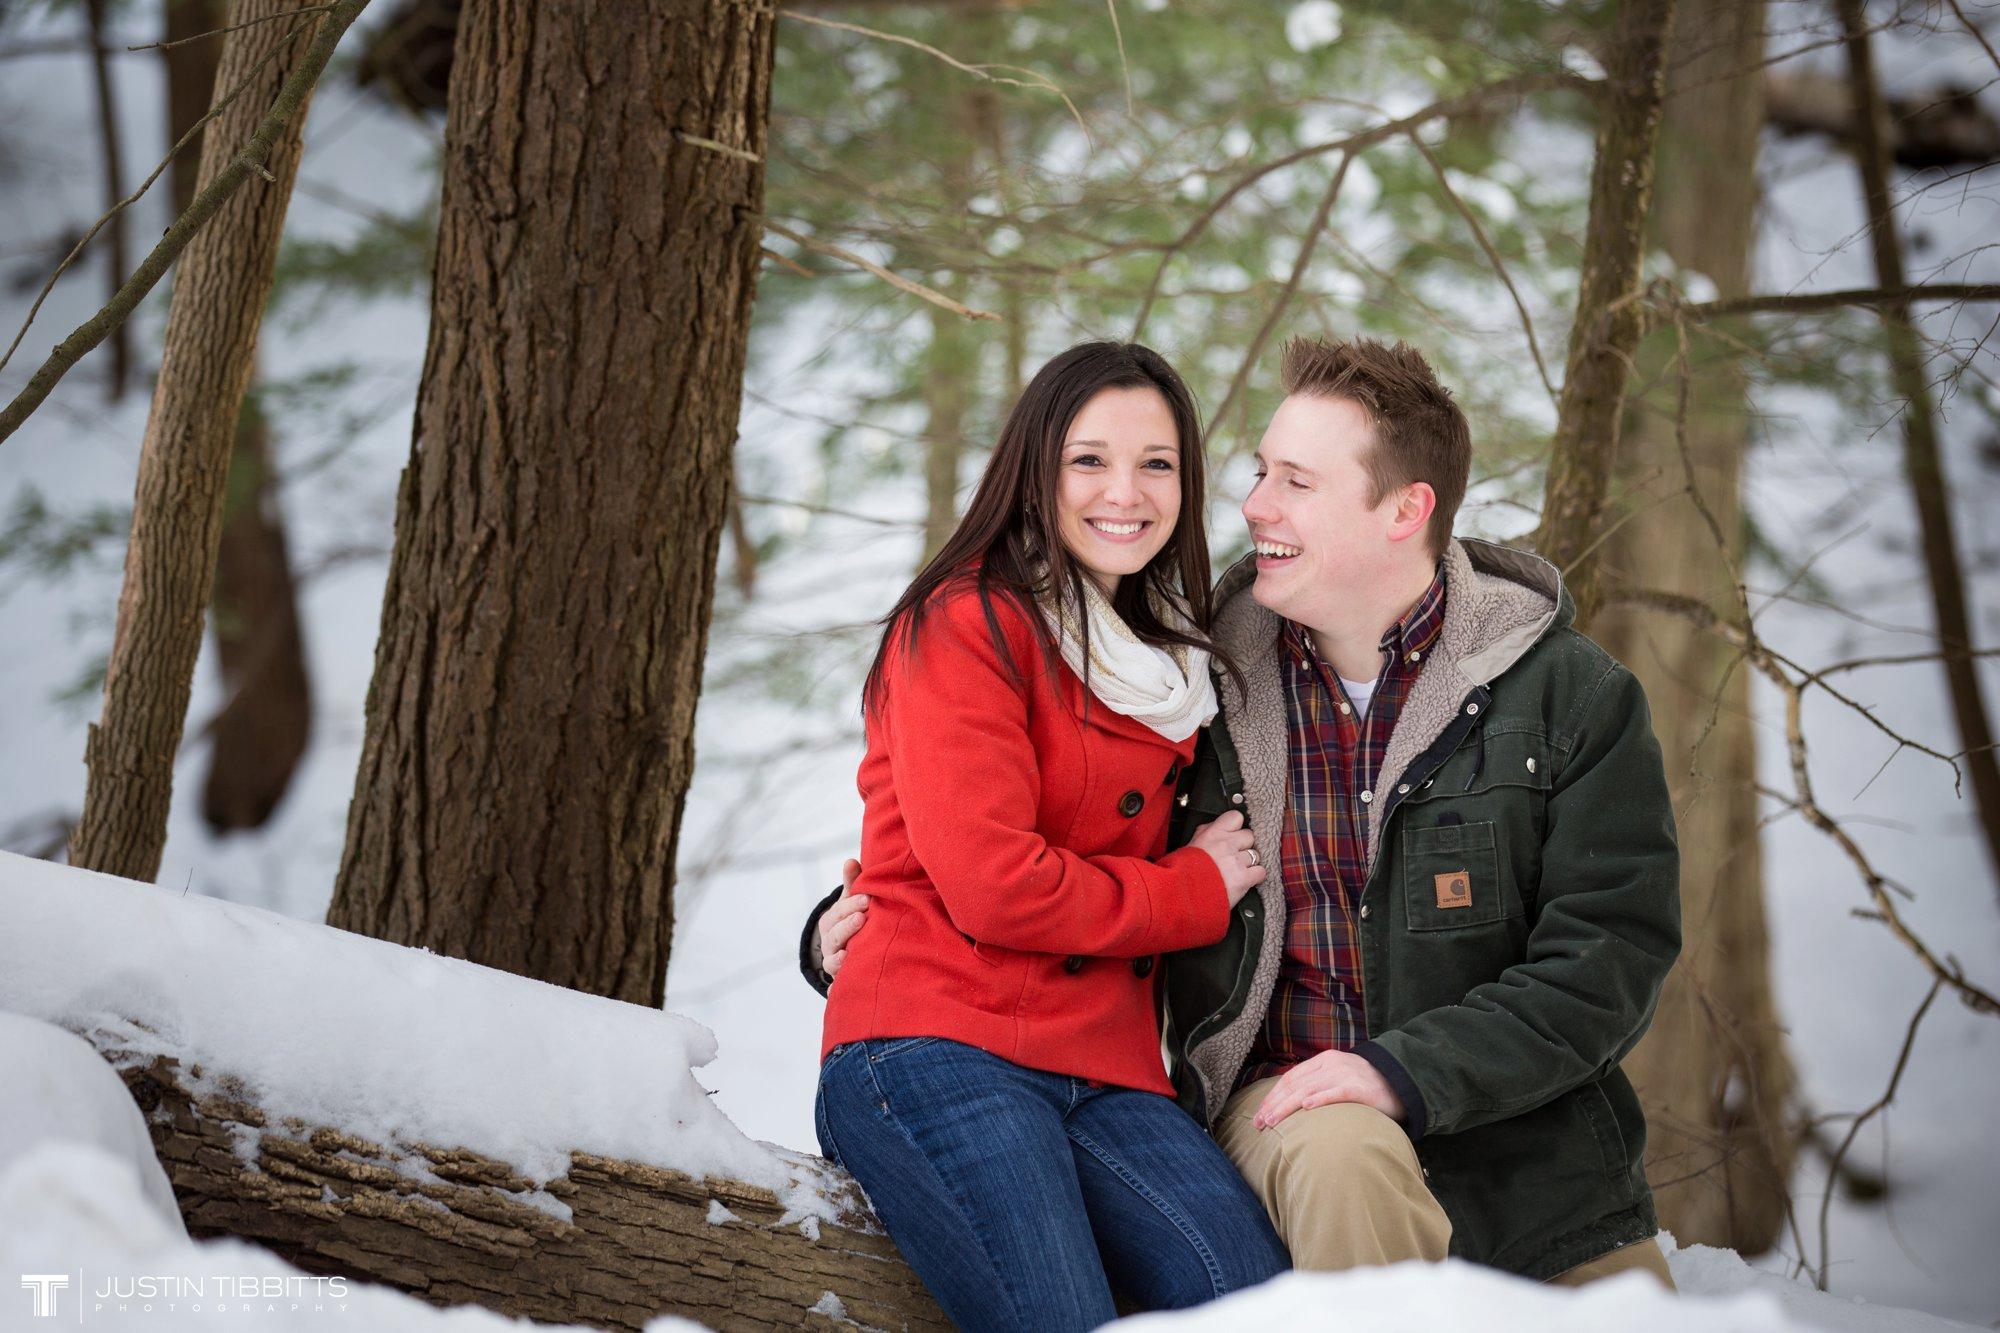 Justin Tibbitts Photography Rob and Brittany's Averill Park, NY Wedding_0417